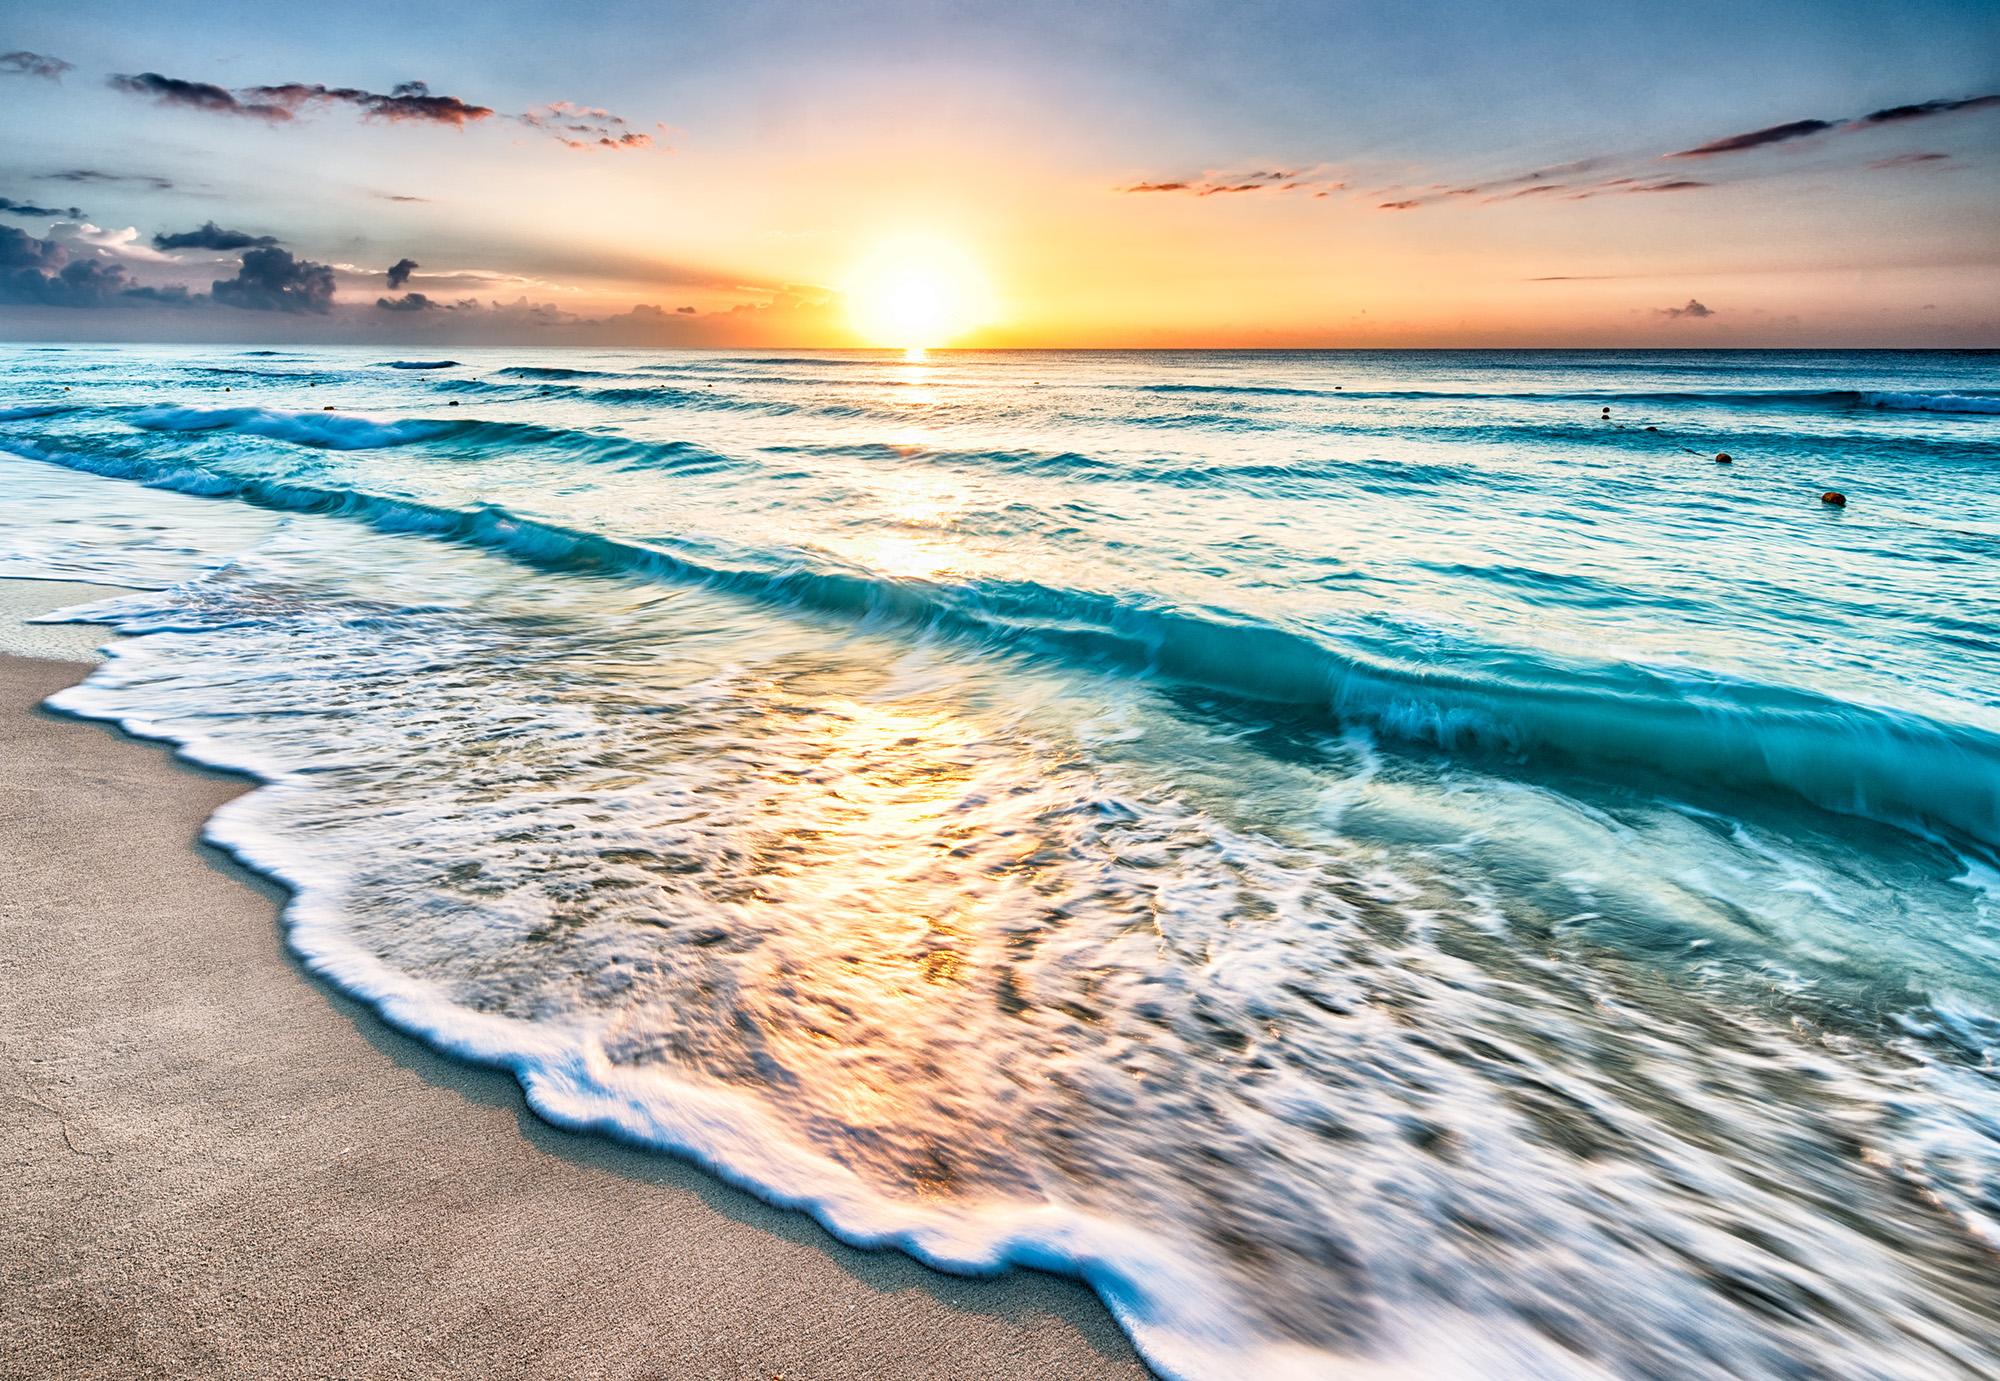 Sunrise Over Beach In Cancun Hd Free Foto